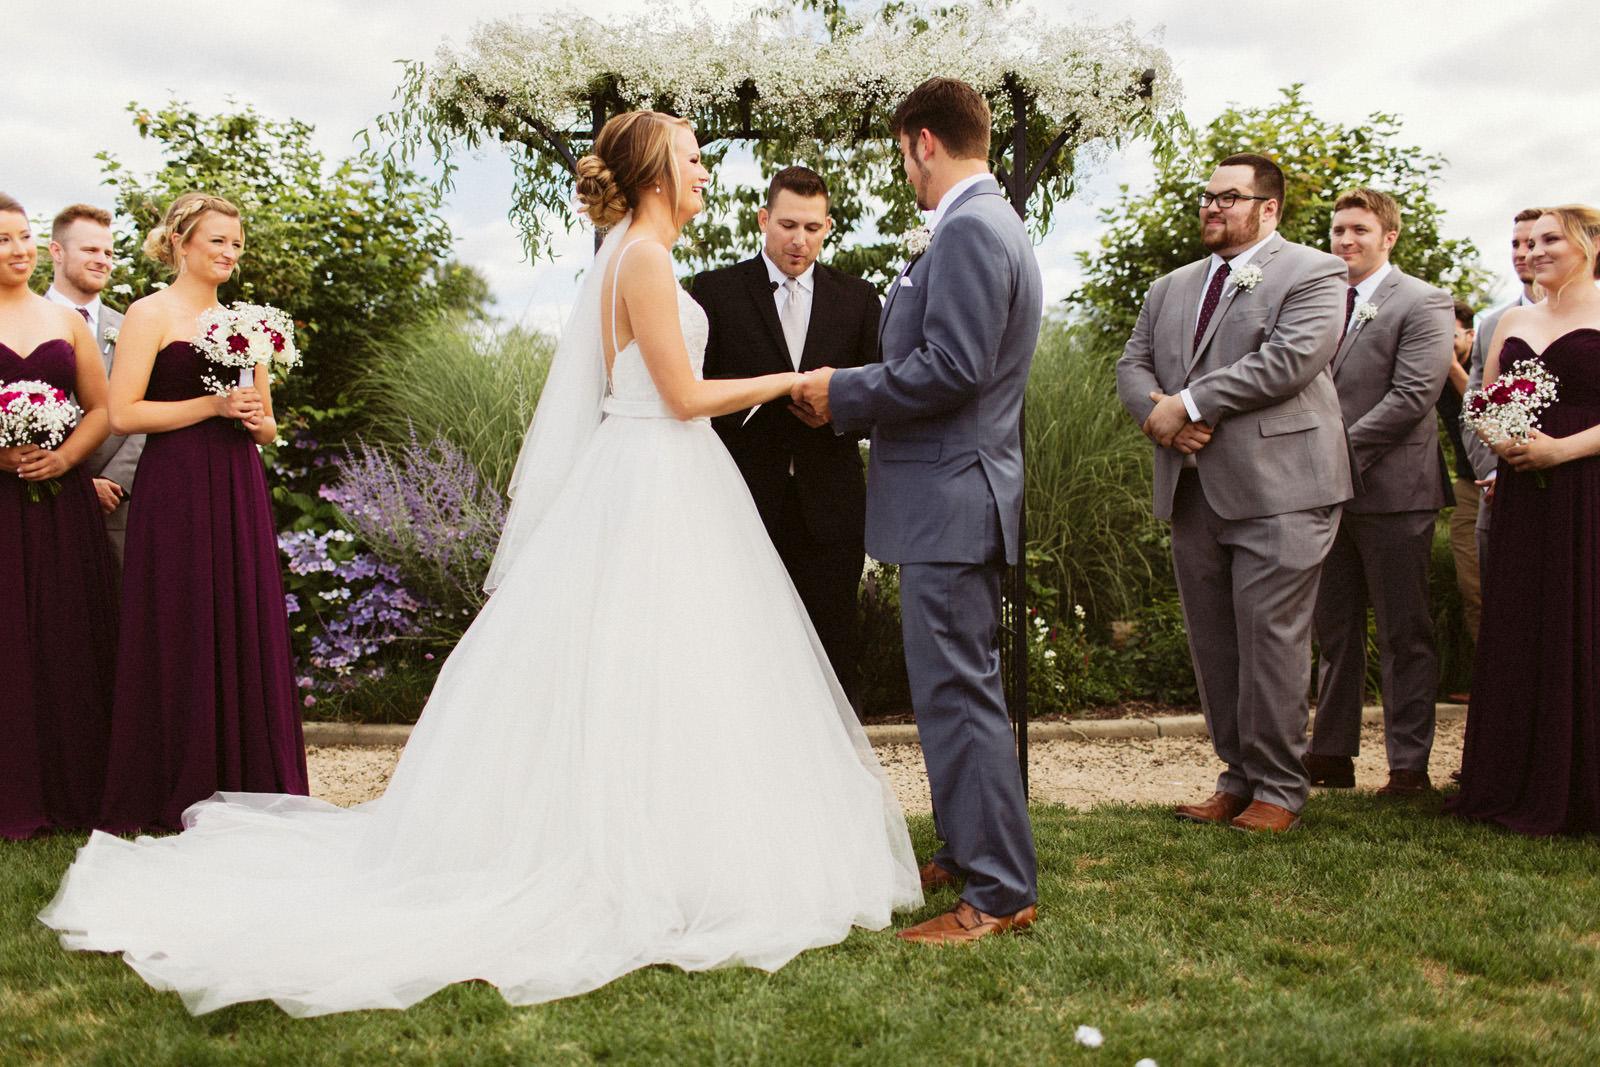 jacobregan-blog-22 SCHILLER FAMILY FARM WEDDING